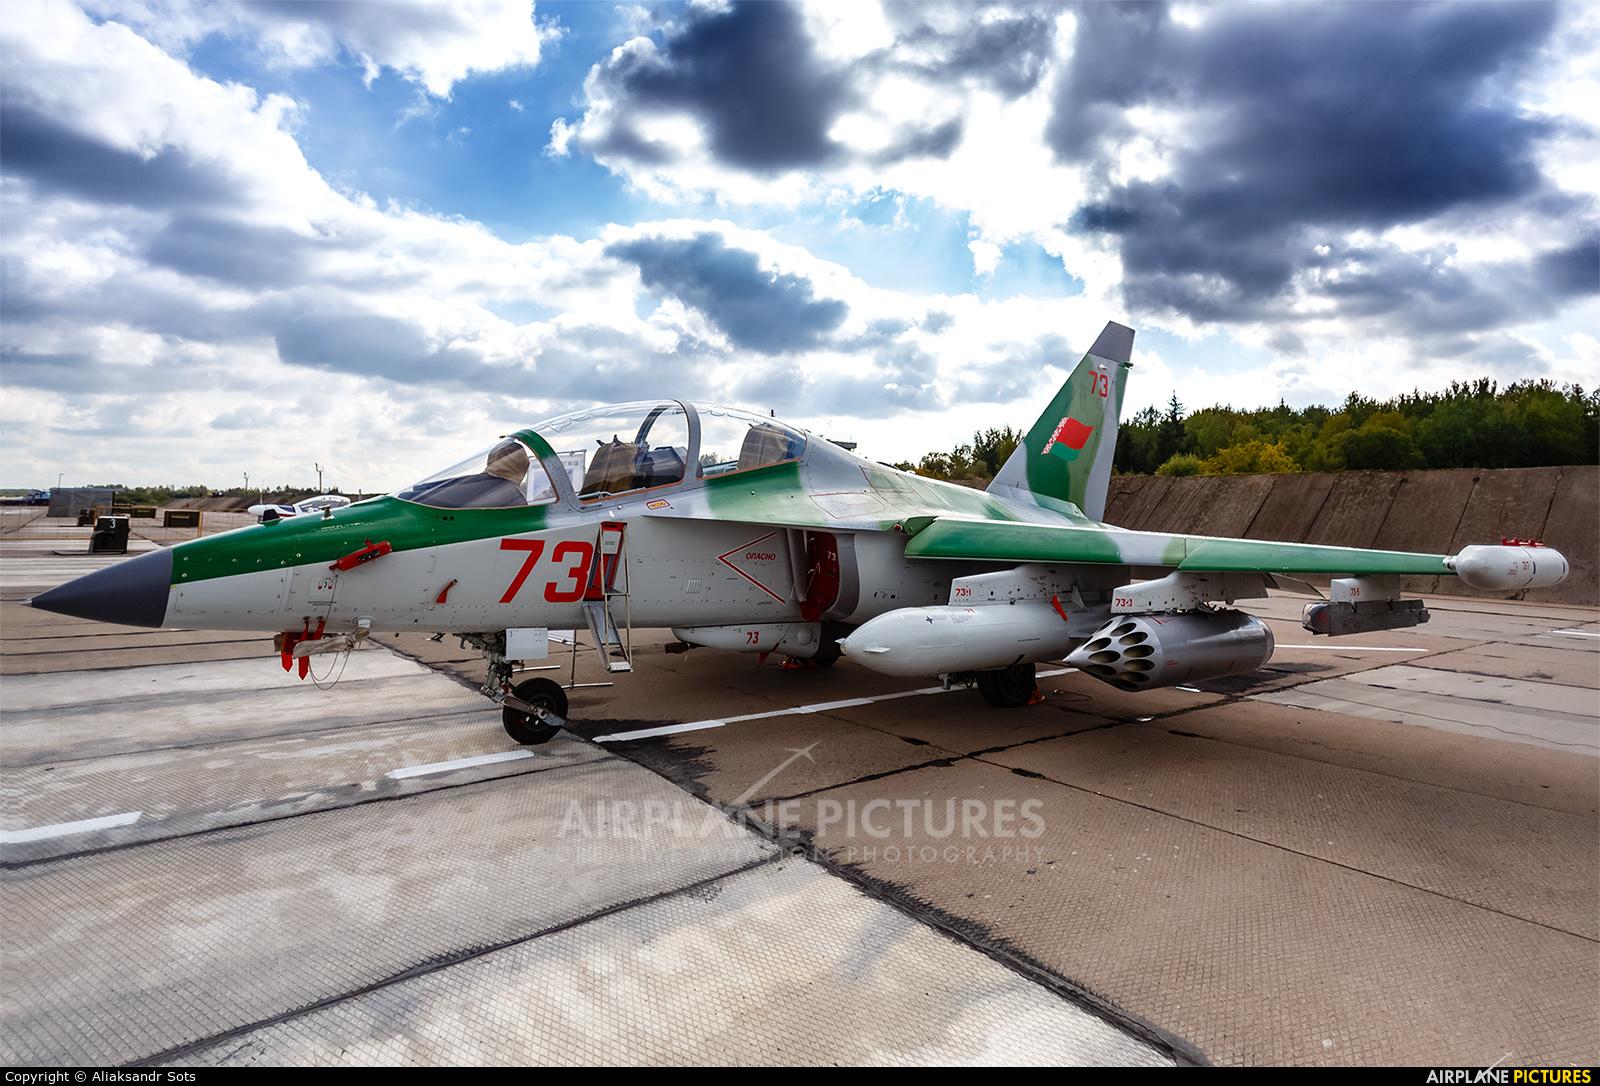 Belarus - Air Force 73 aircraft at Lida AB